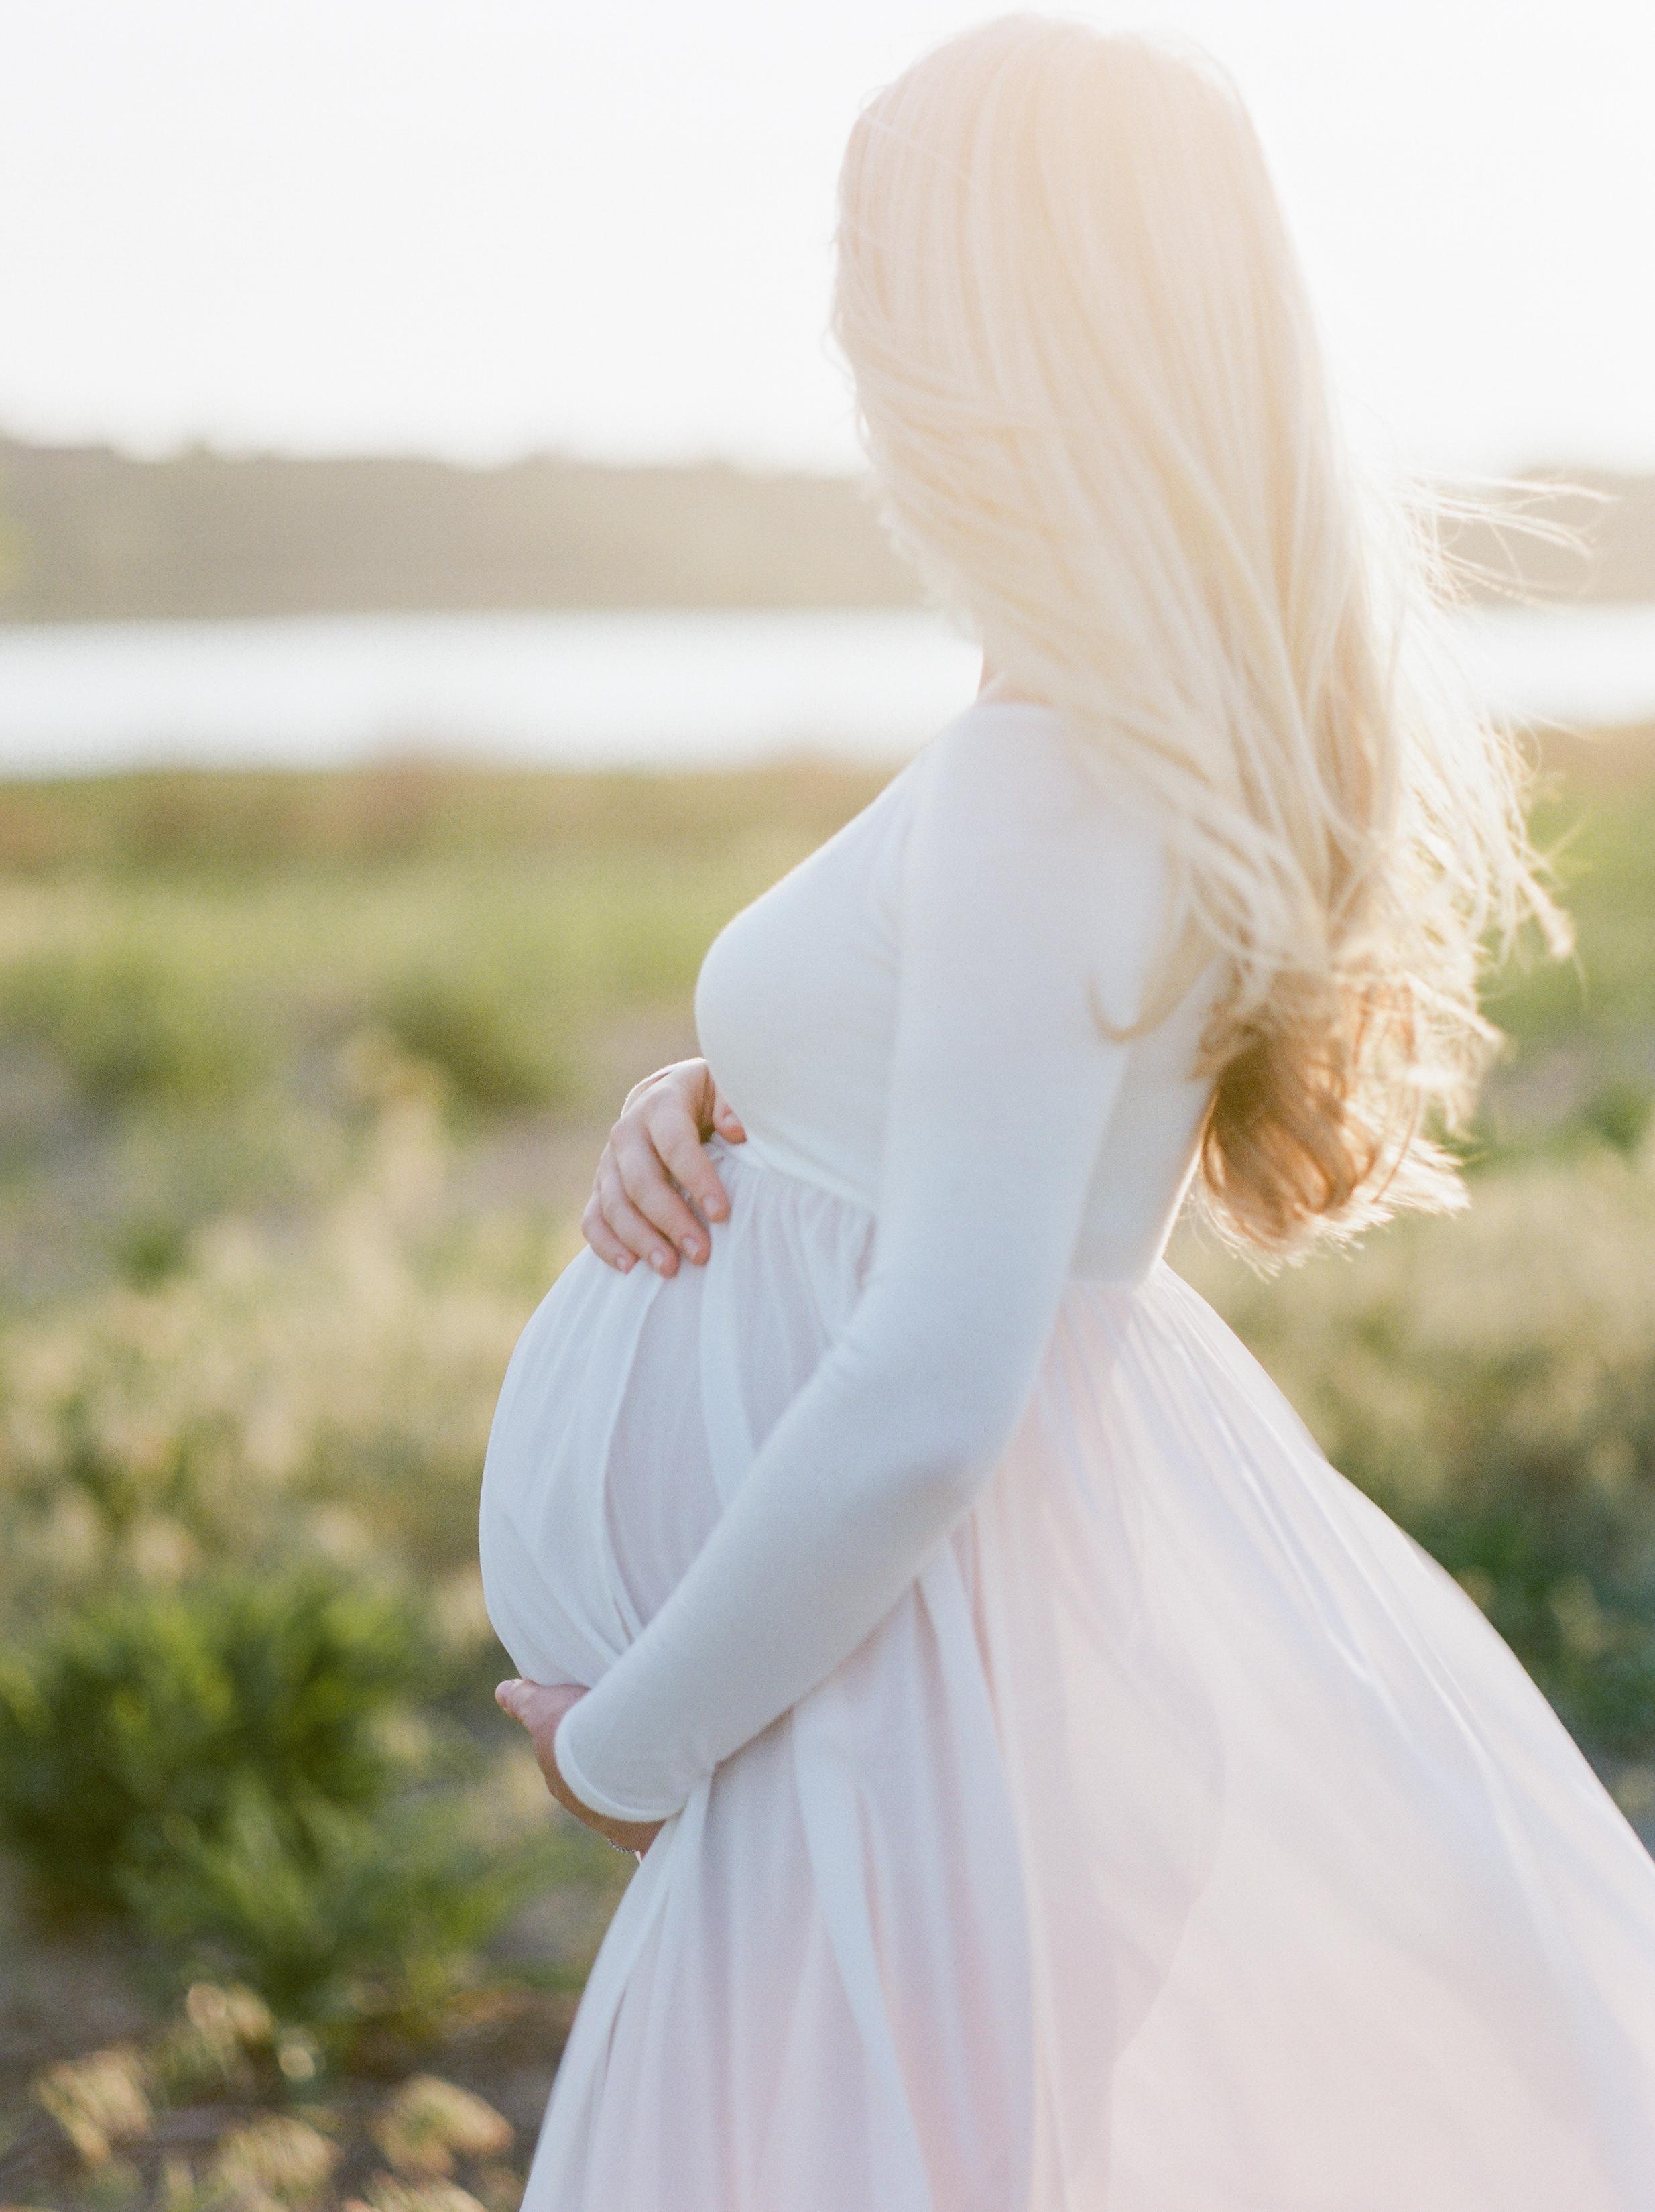 olya_vitulli_photography_martyna_maternity-1-12.jpg